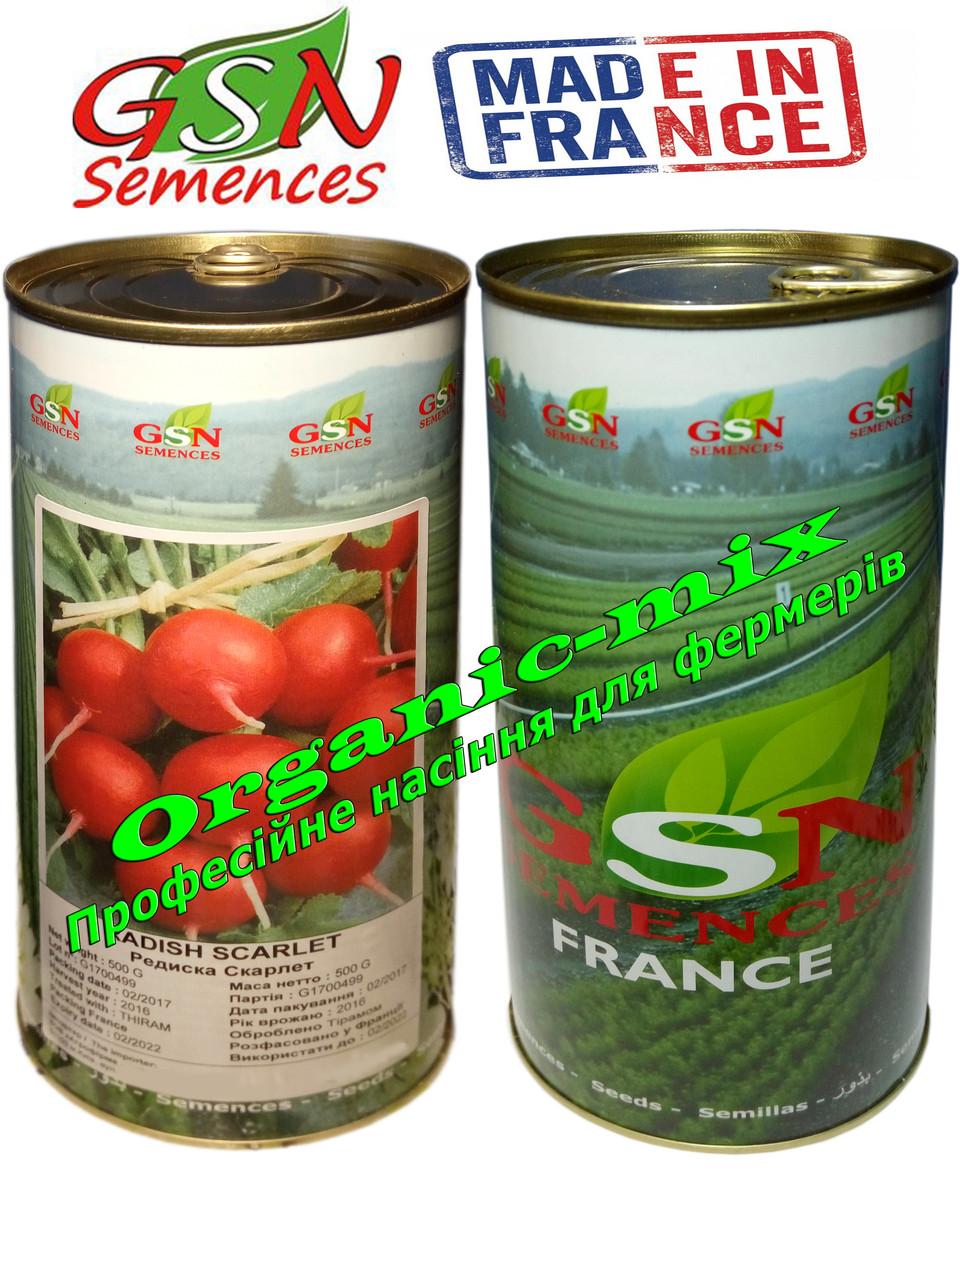 Семена редис Скарлет (всесезонный), GSN Semences (Франция), банка 500 грамм